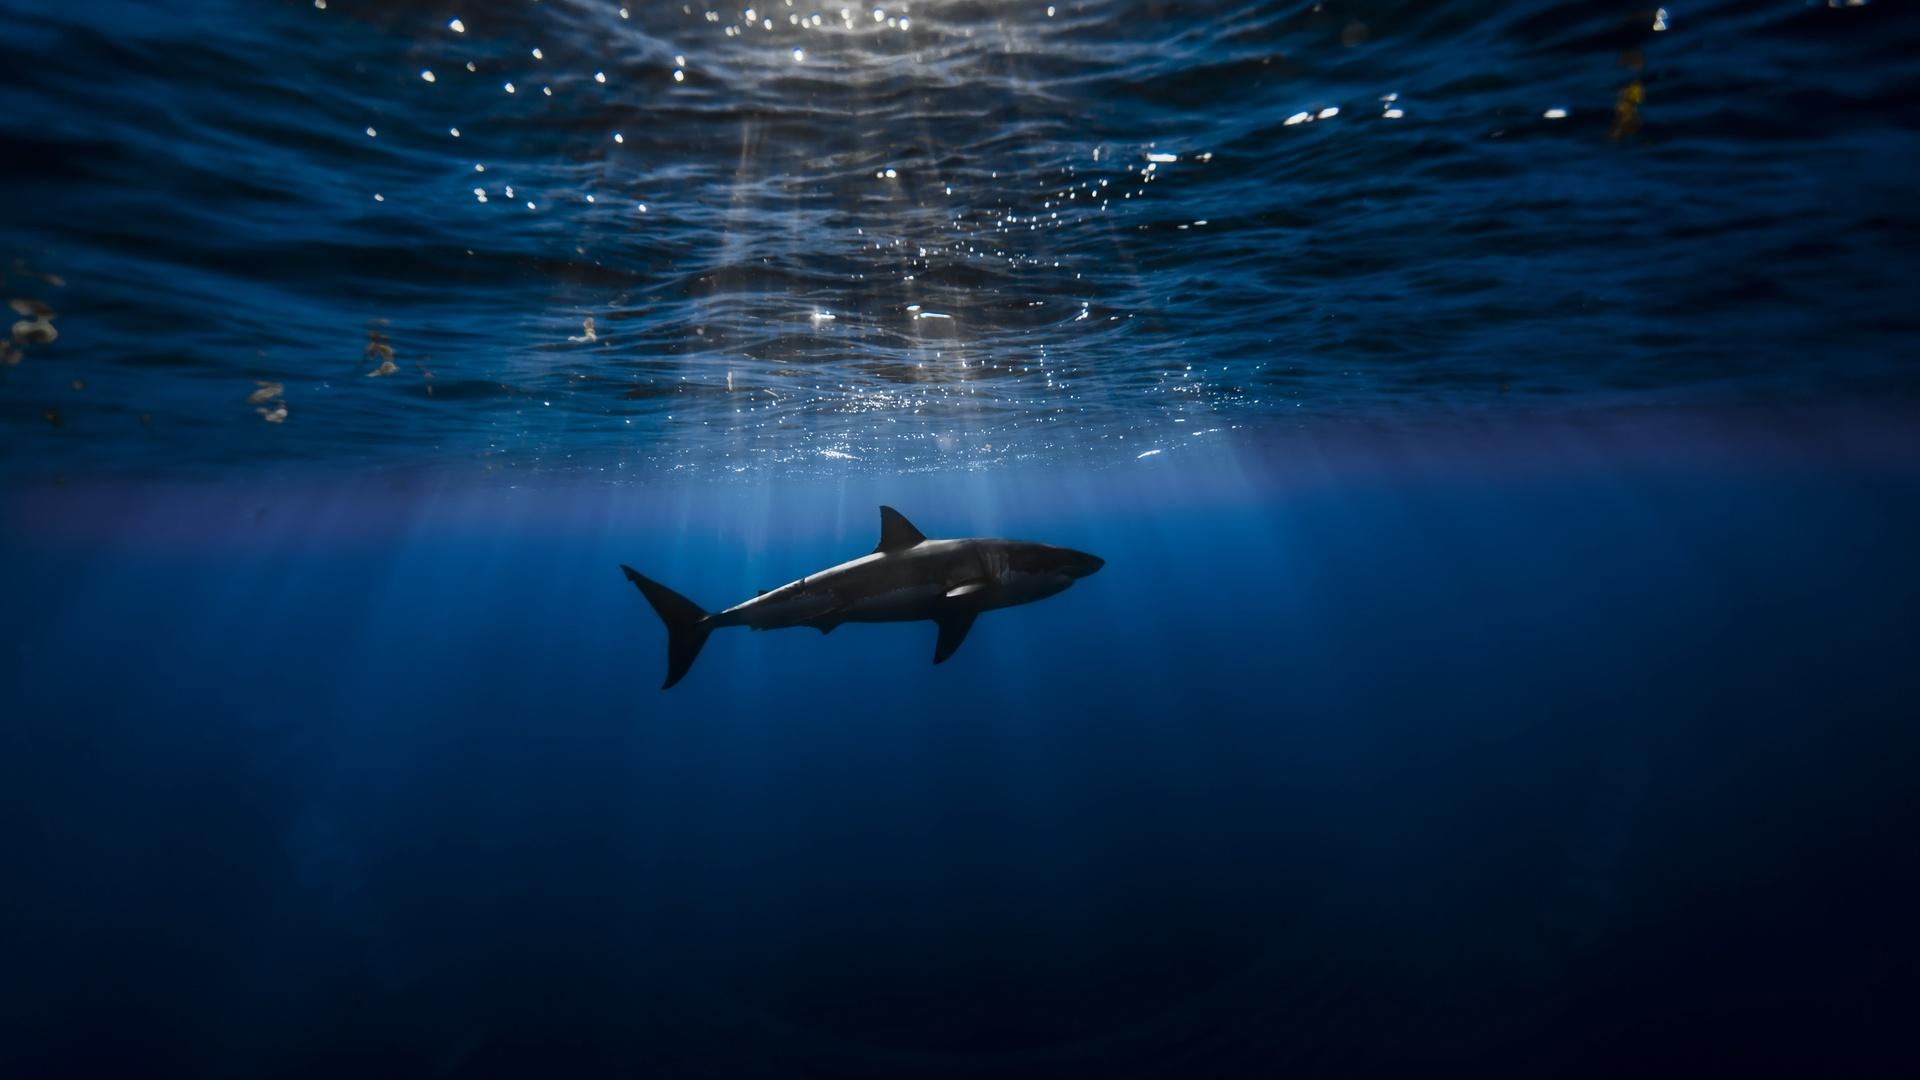 акула, глубина, лучи, океан, под водой